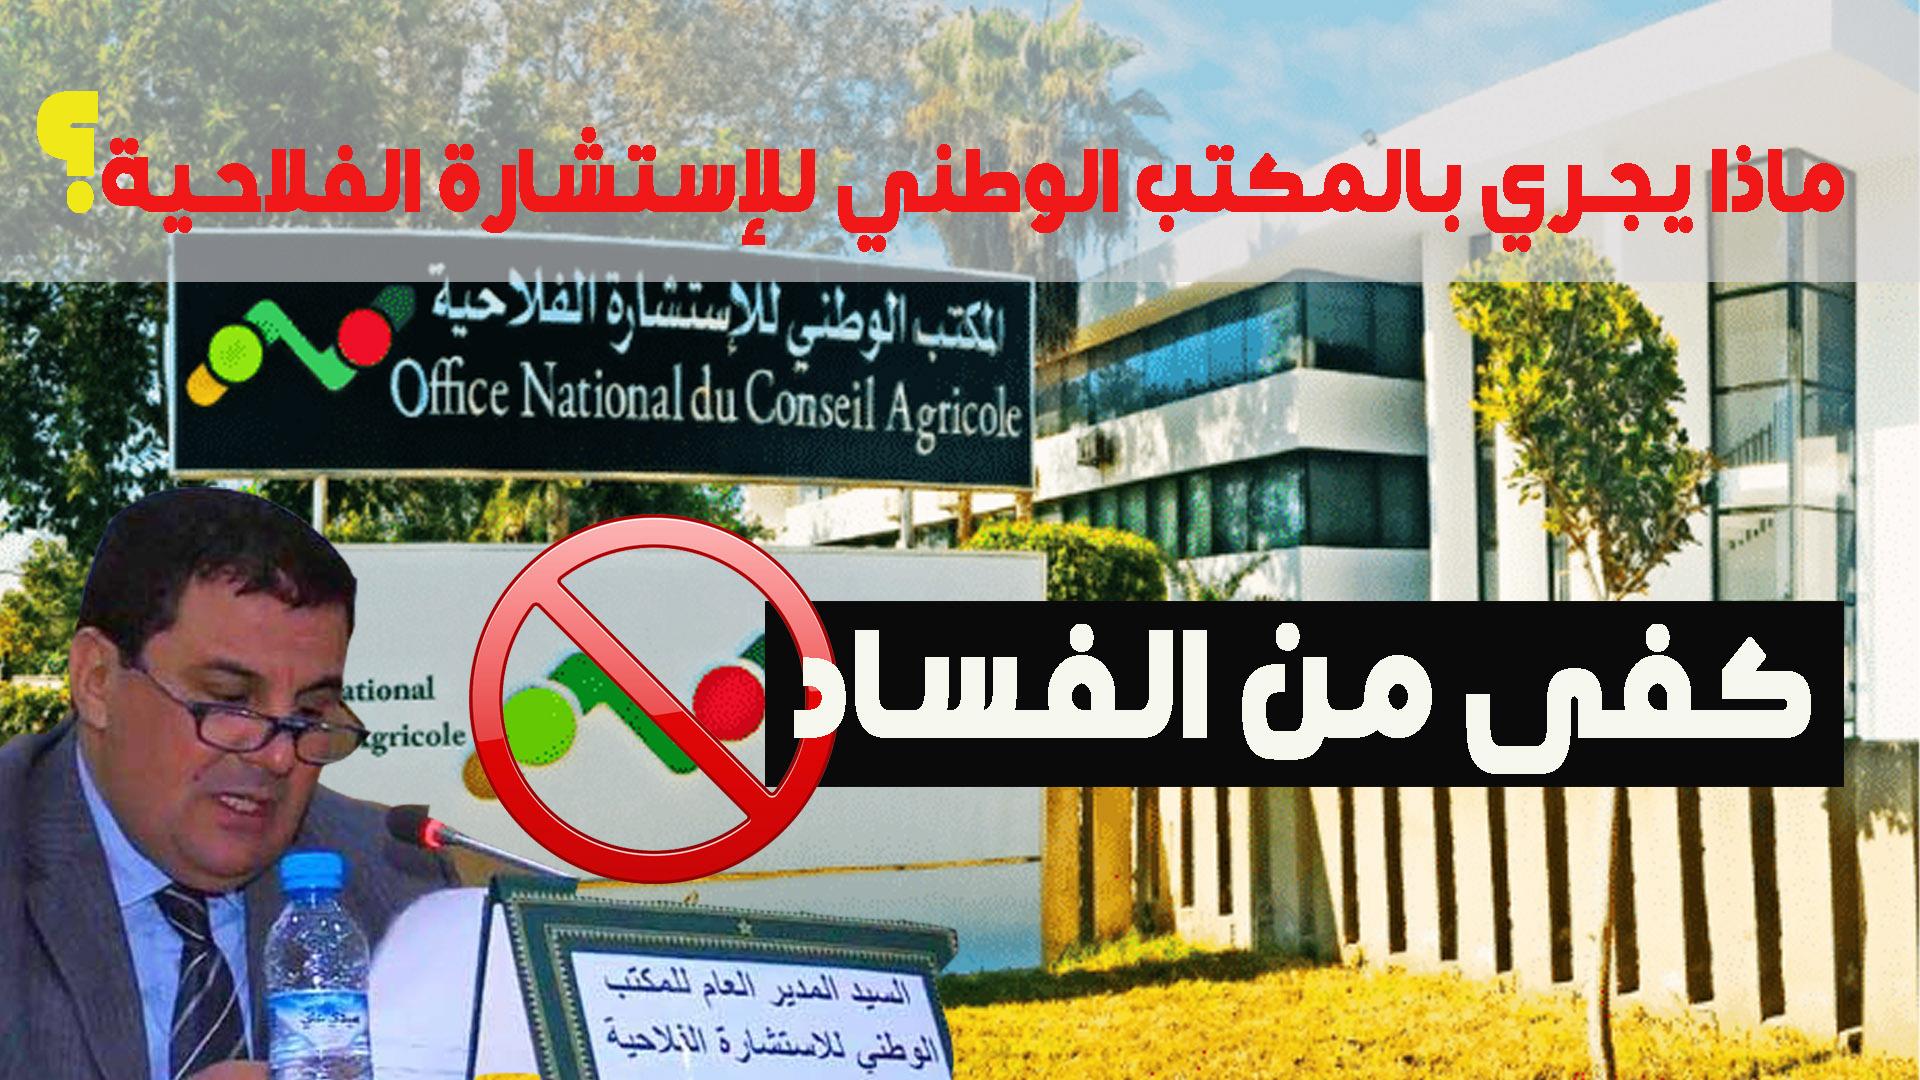 ماذا يجري بالمكتب الوطني للإستسارة الفلاحية؟